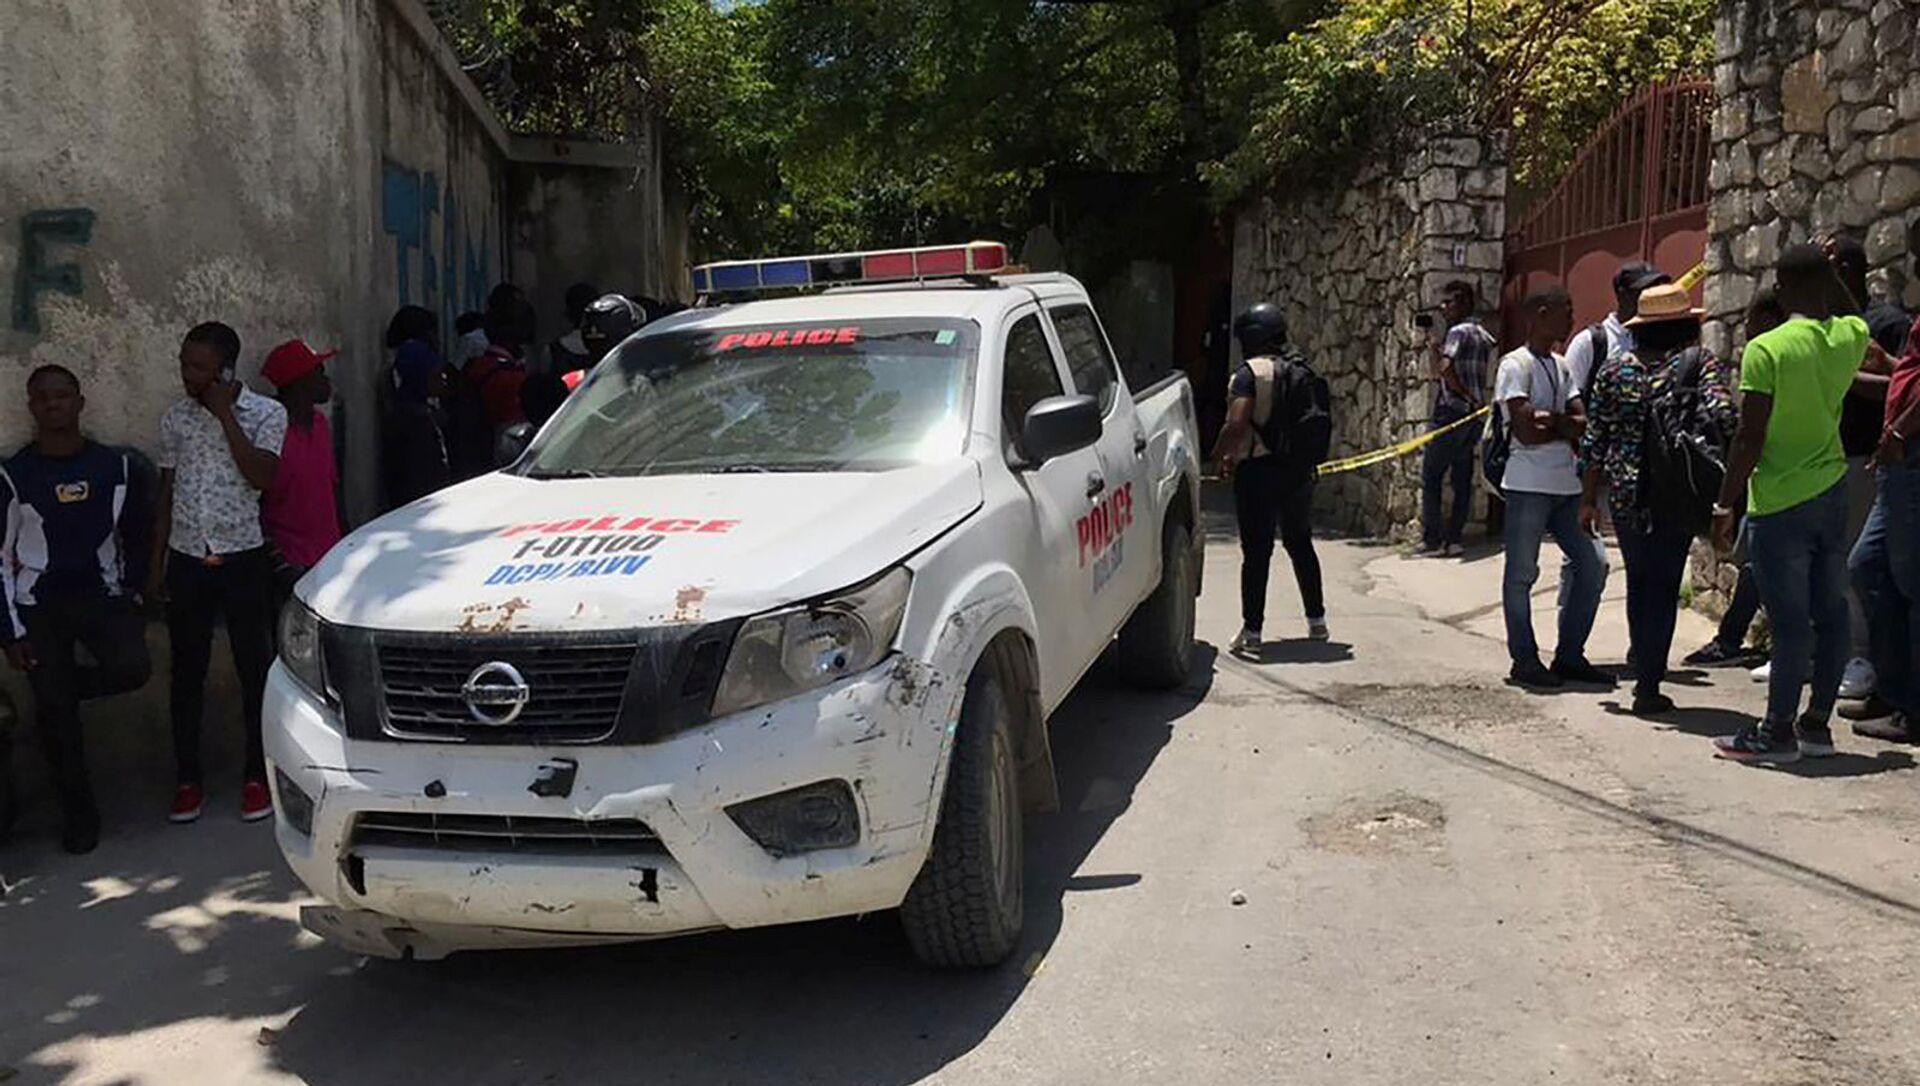 Полицейская машина у резиденции покойного президента Гаити Жовенеля Моисса в районе Петион Вилль (7 июля 2021 года). Гаити - Sputnik Արմենիա, 1920, 07.07.2021